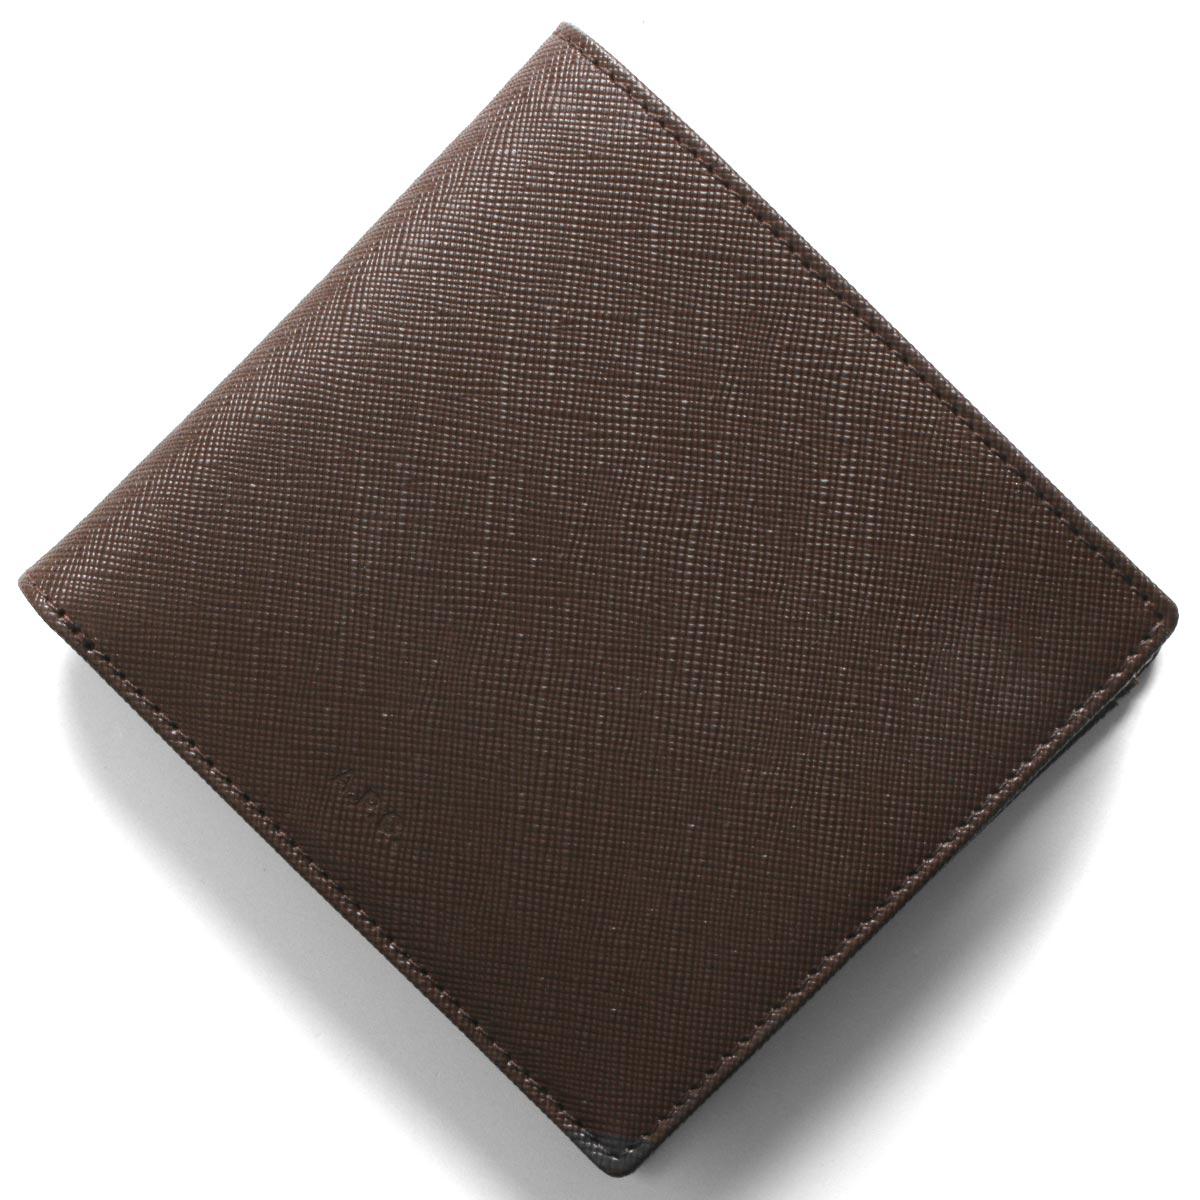 アーペーセー 二つ折り財布 財布 メンズ ニュー ポルトフイユ ロンドン カフェブラウン H63340 PXBJQ CAI A.P.C